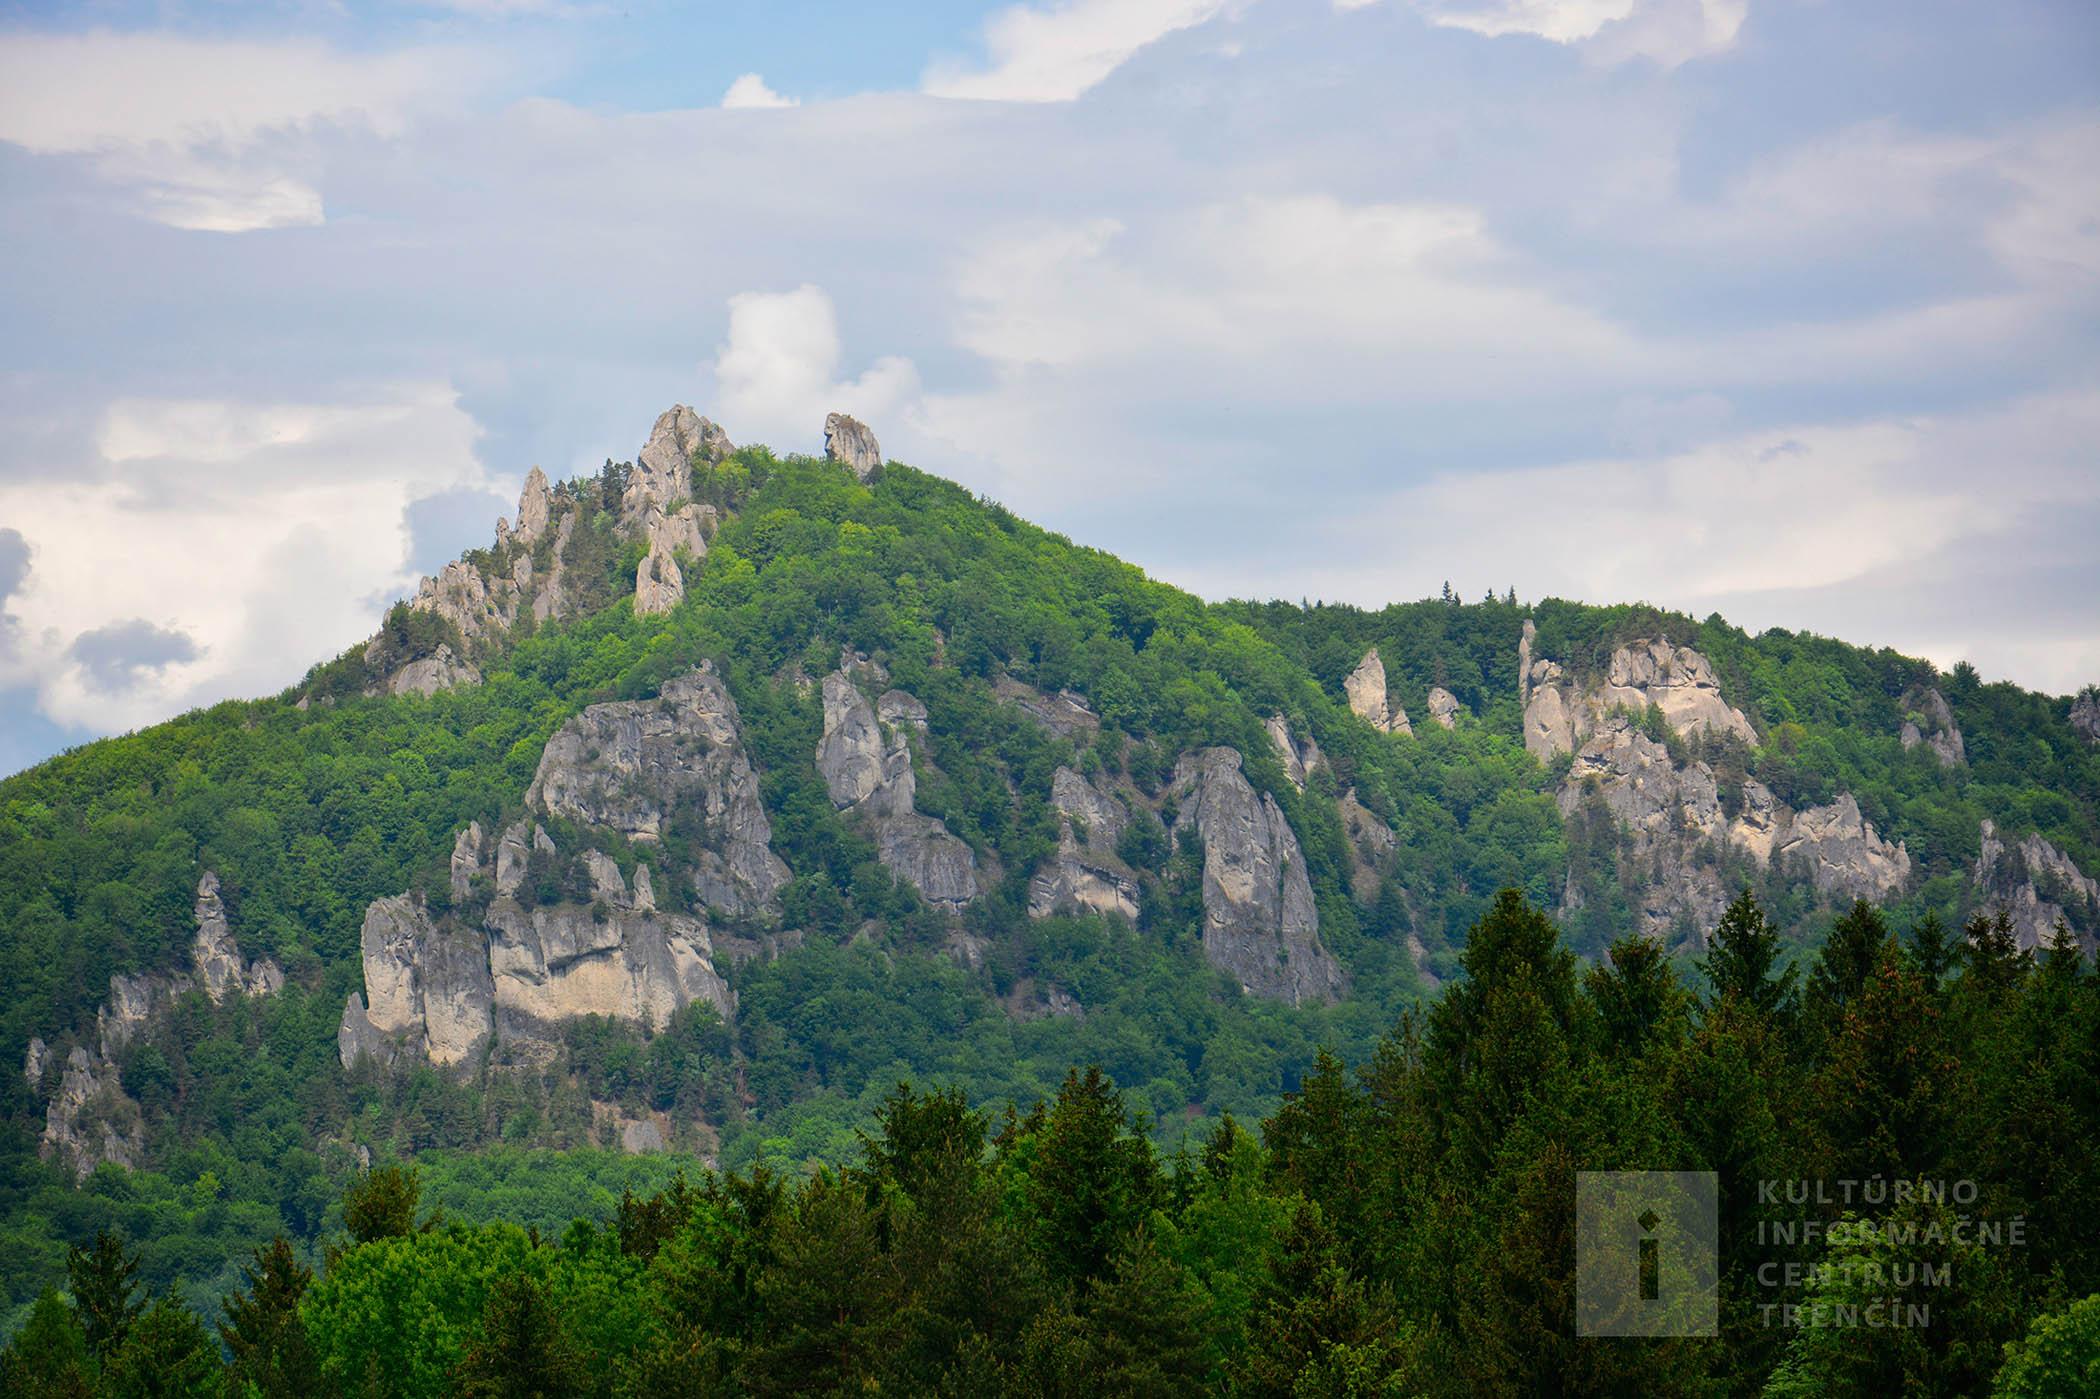 Výhľad zo zrakovej pyramídy v Súľove/View from visual Pyramide